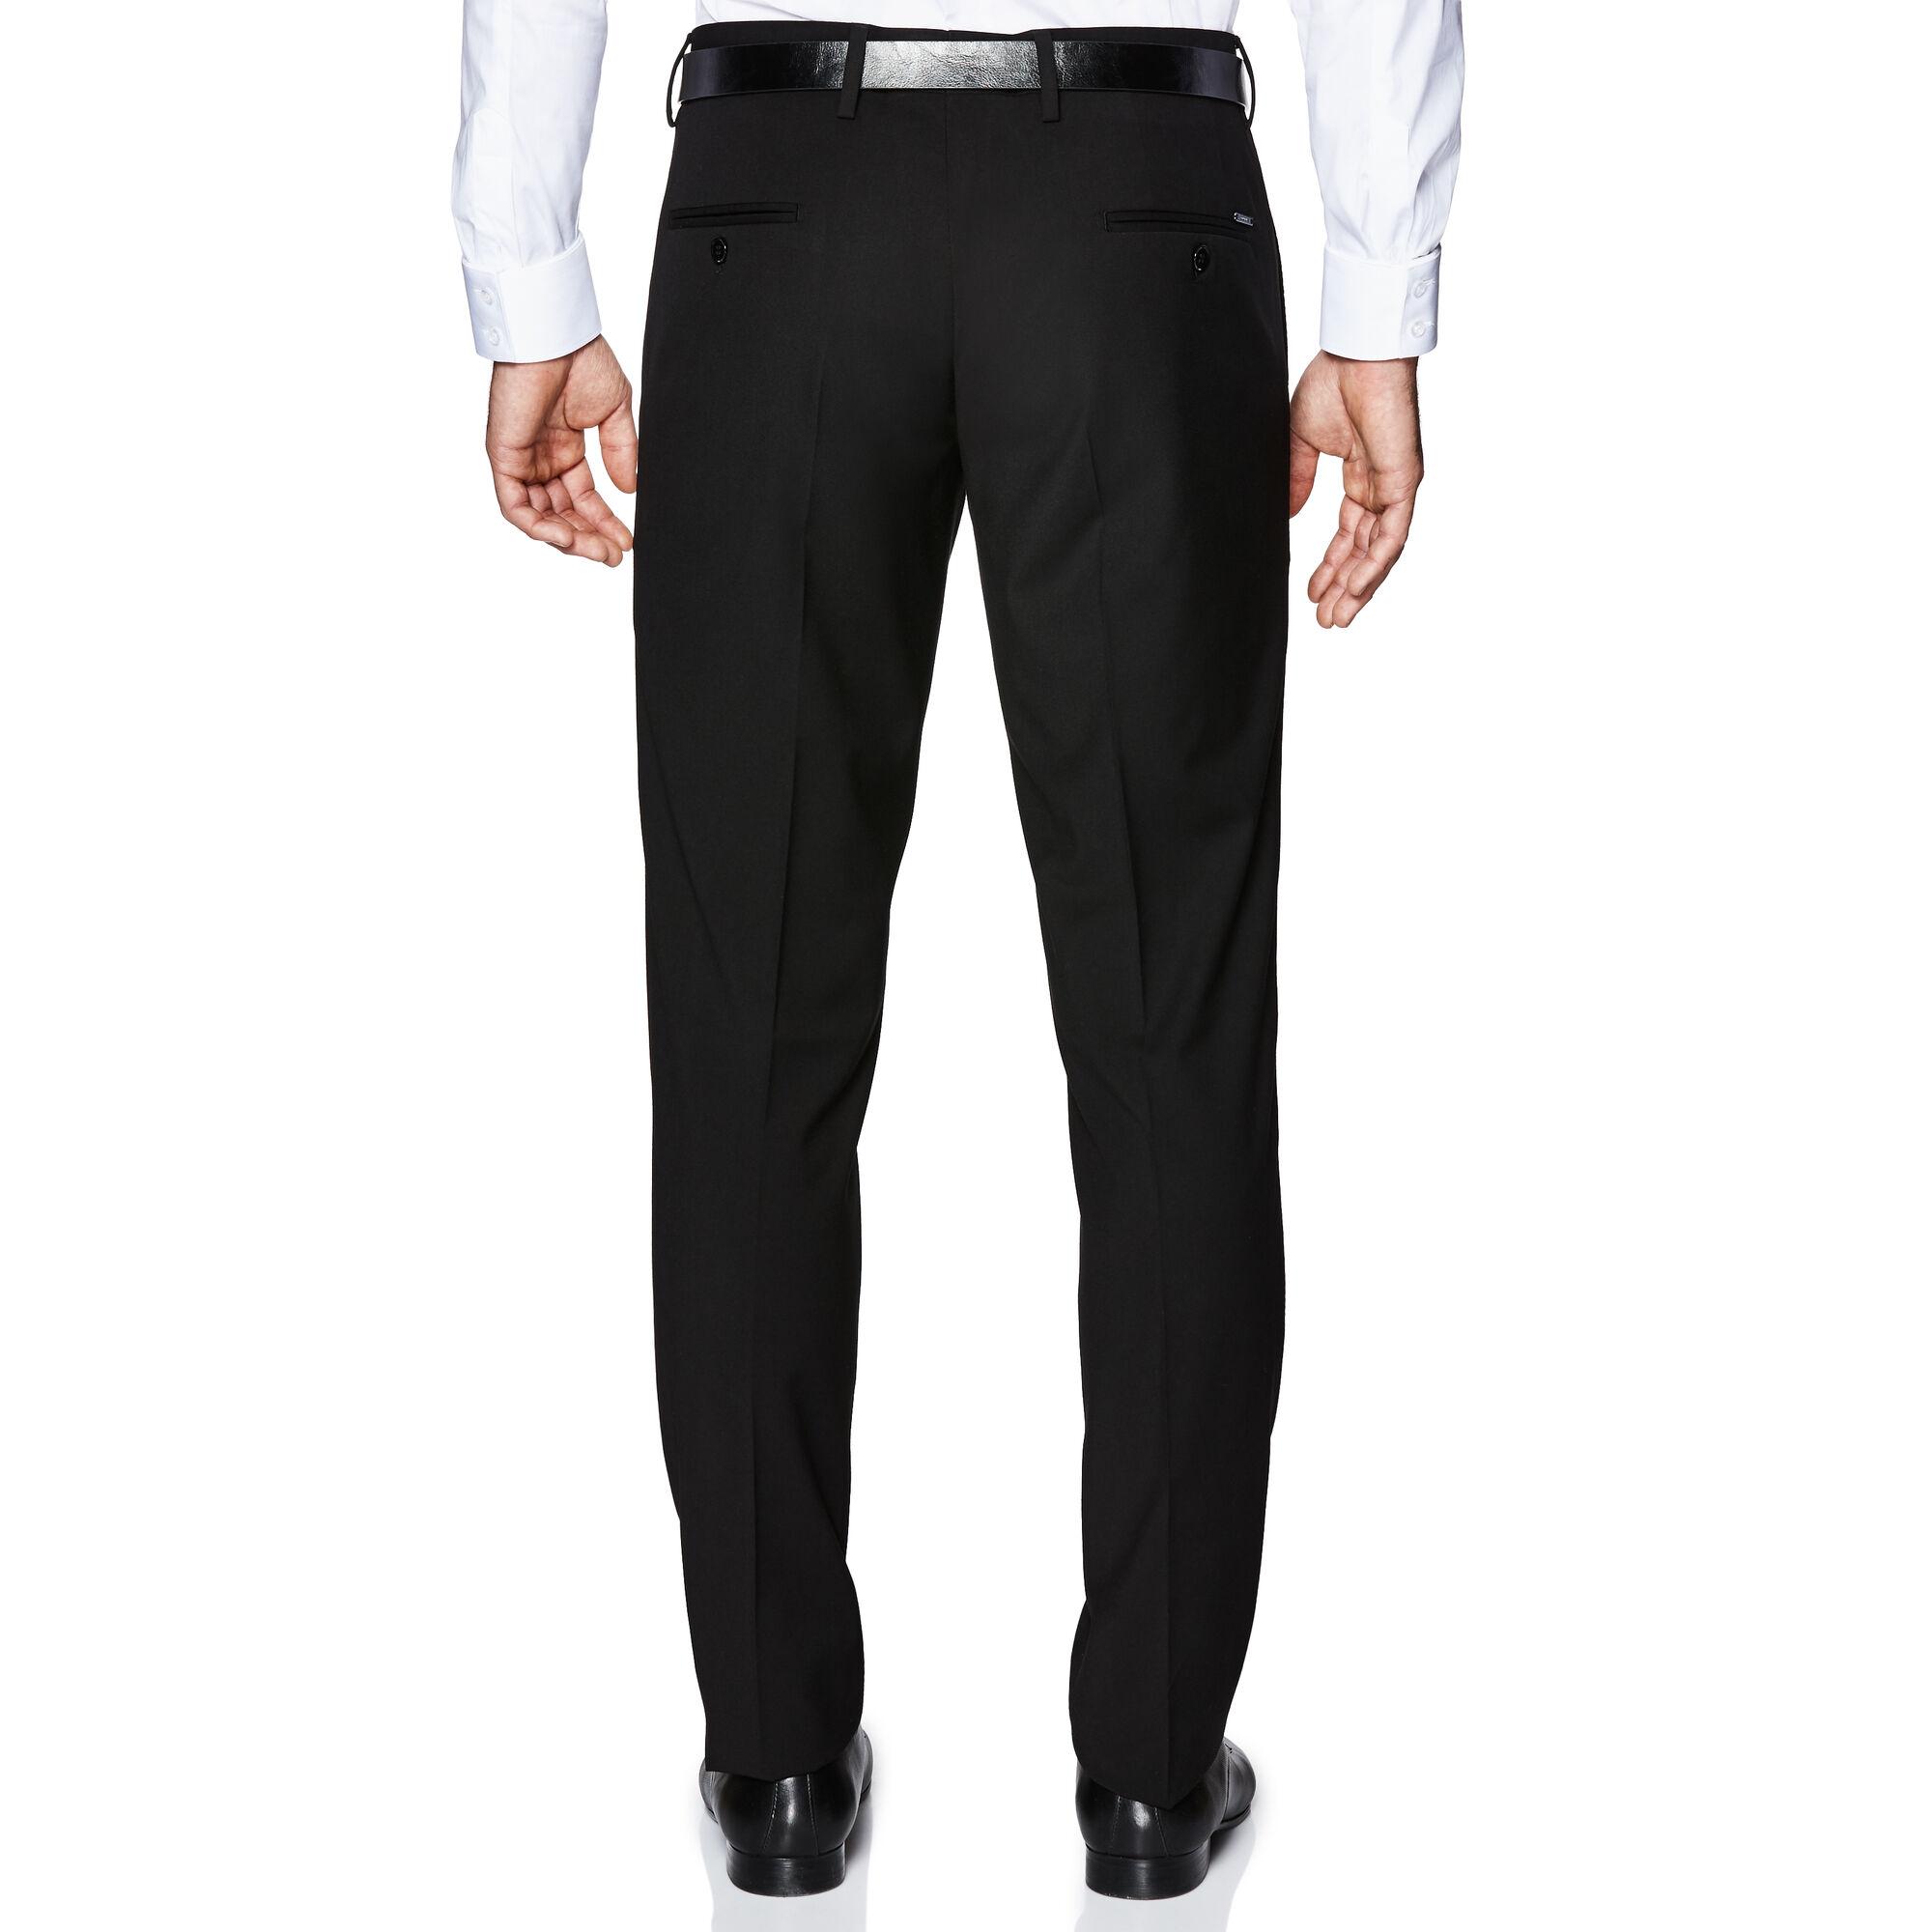 dea7087f40 Marcuss - Black - Tapered Suit Pants   Politix